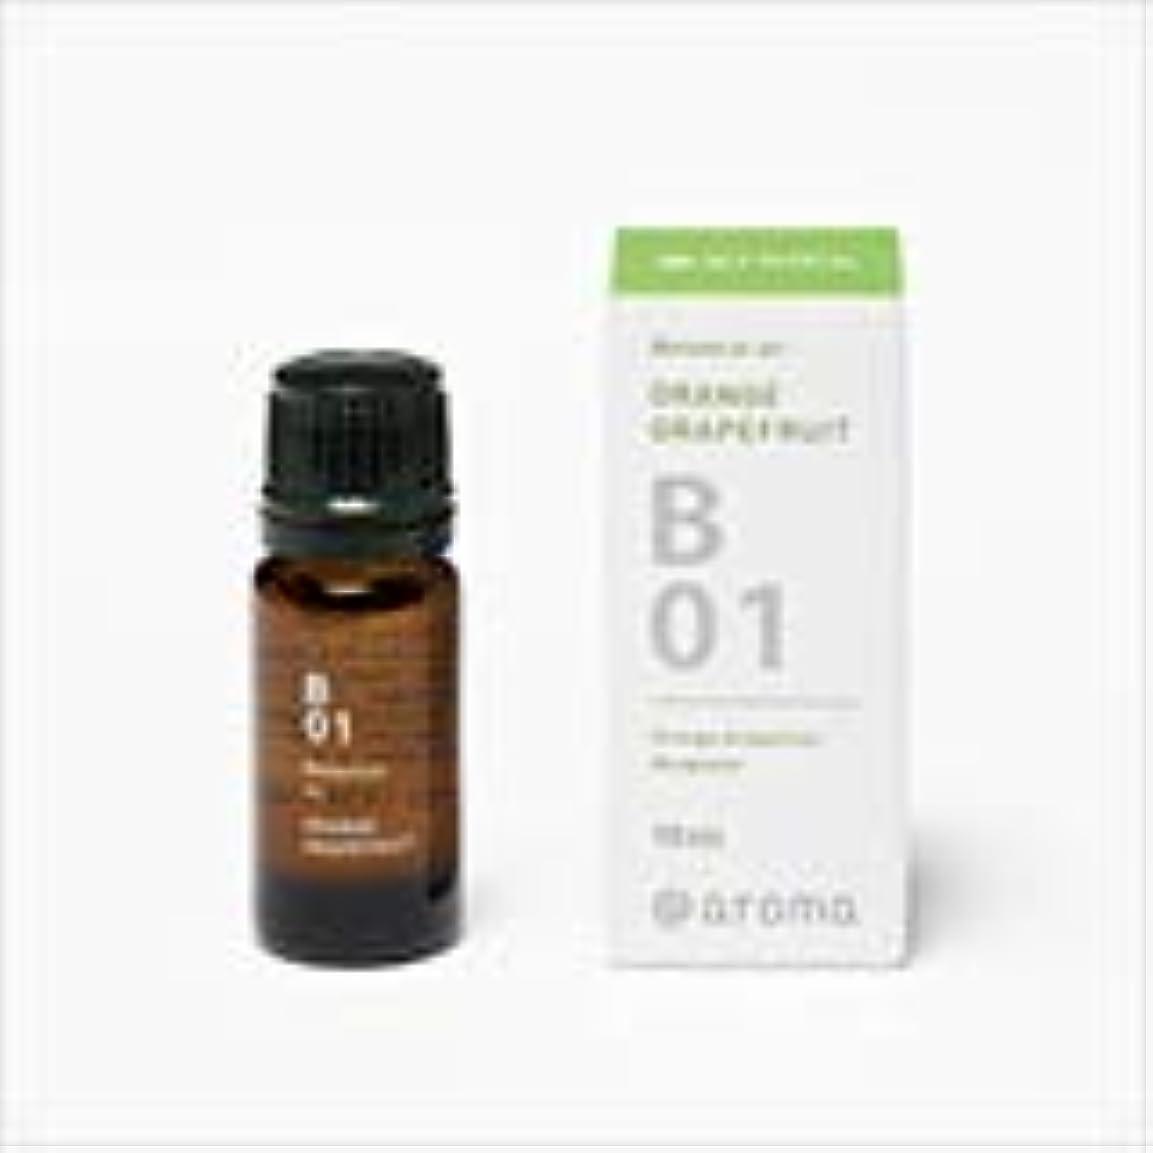 真珠のような締め切りバブルアットアロマ 100%pure essential oil <Botanical air ジュニパーシダー>